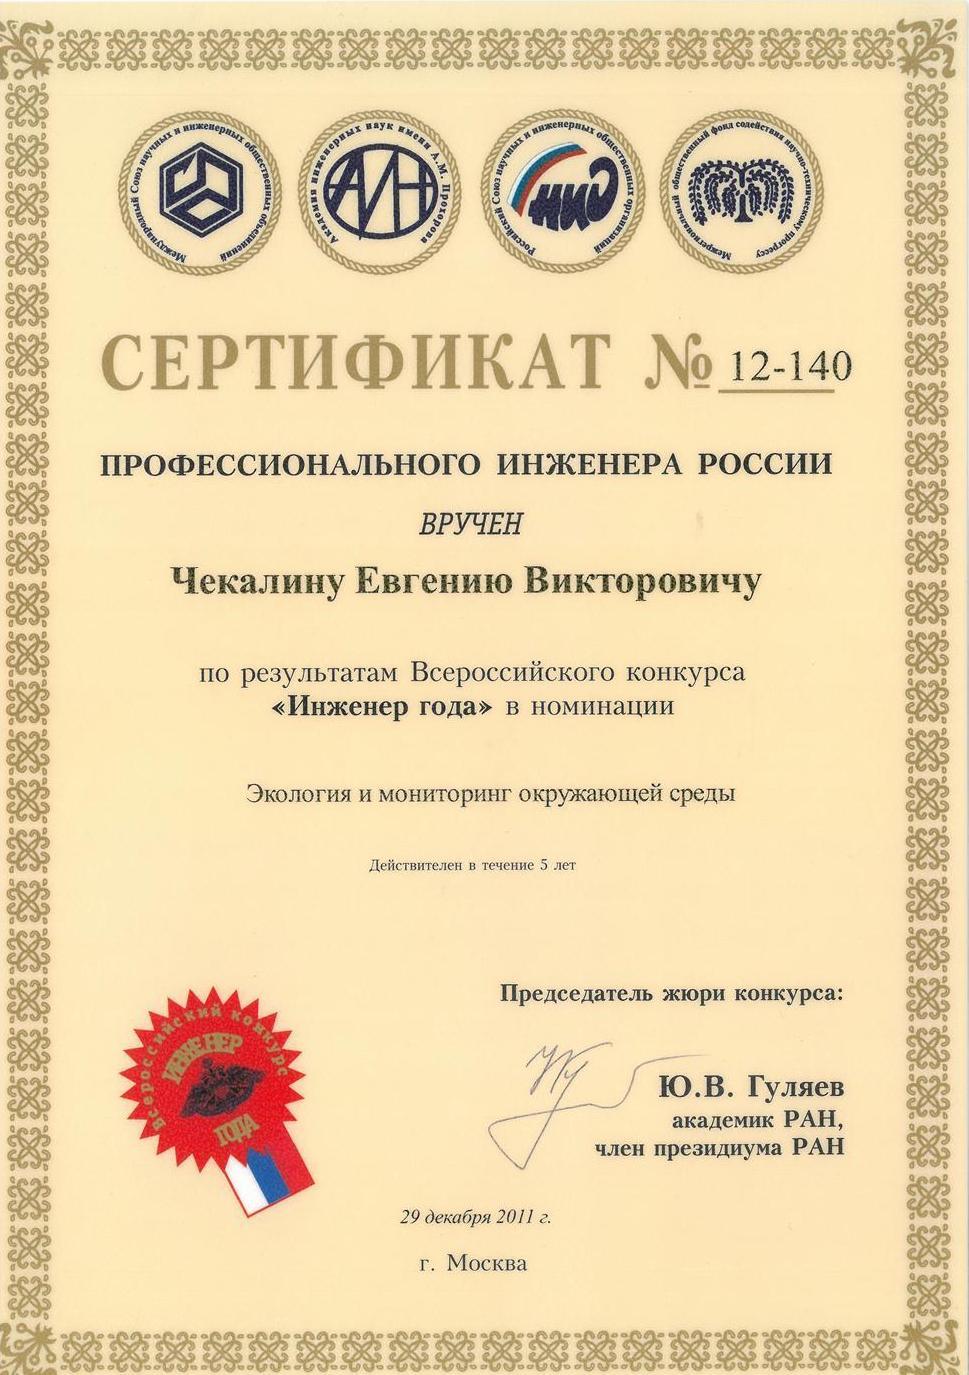 Сертификат конкурса Инженер года 2011